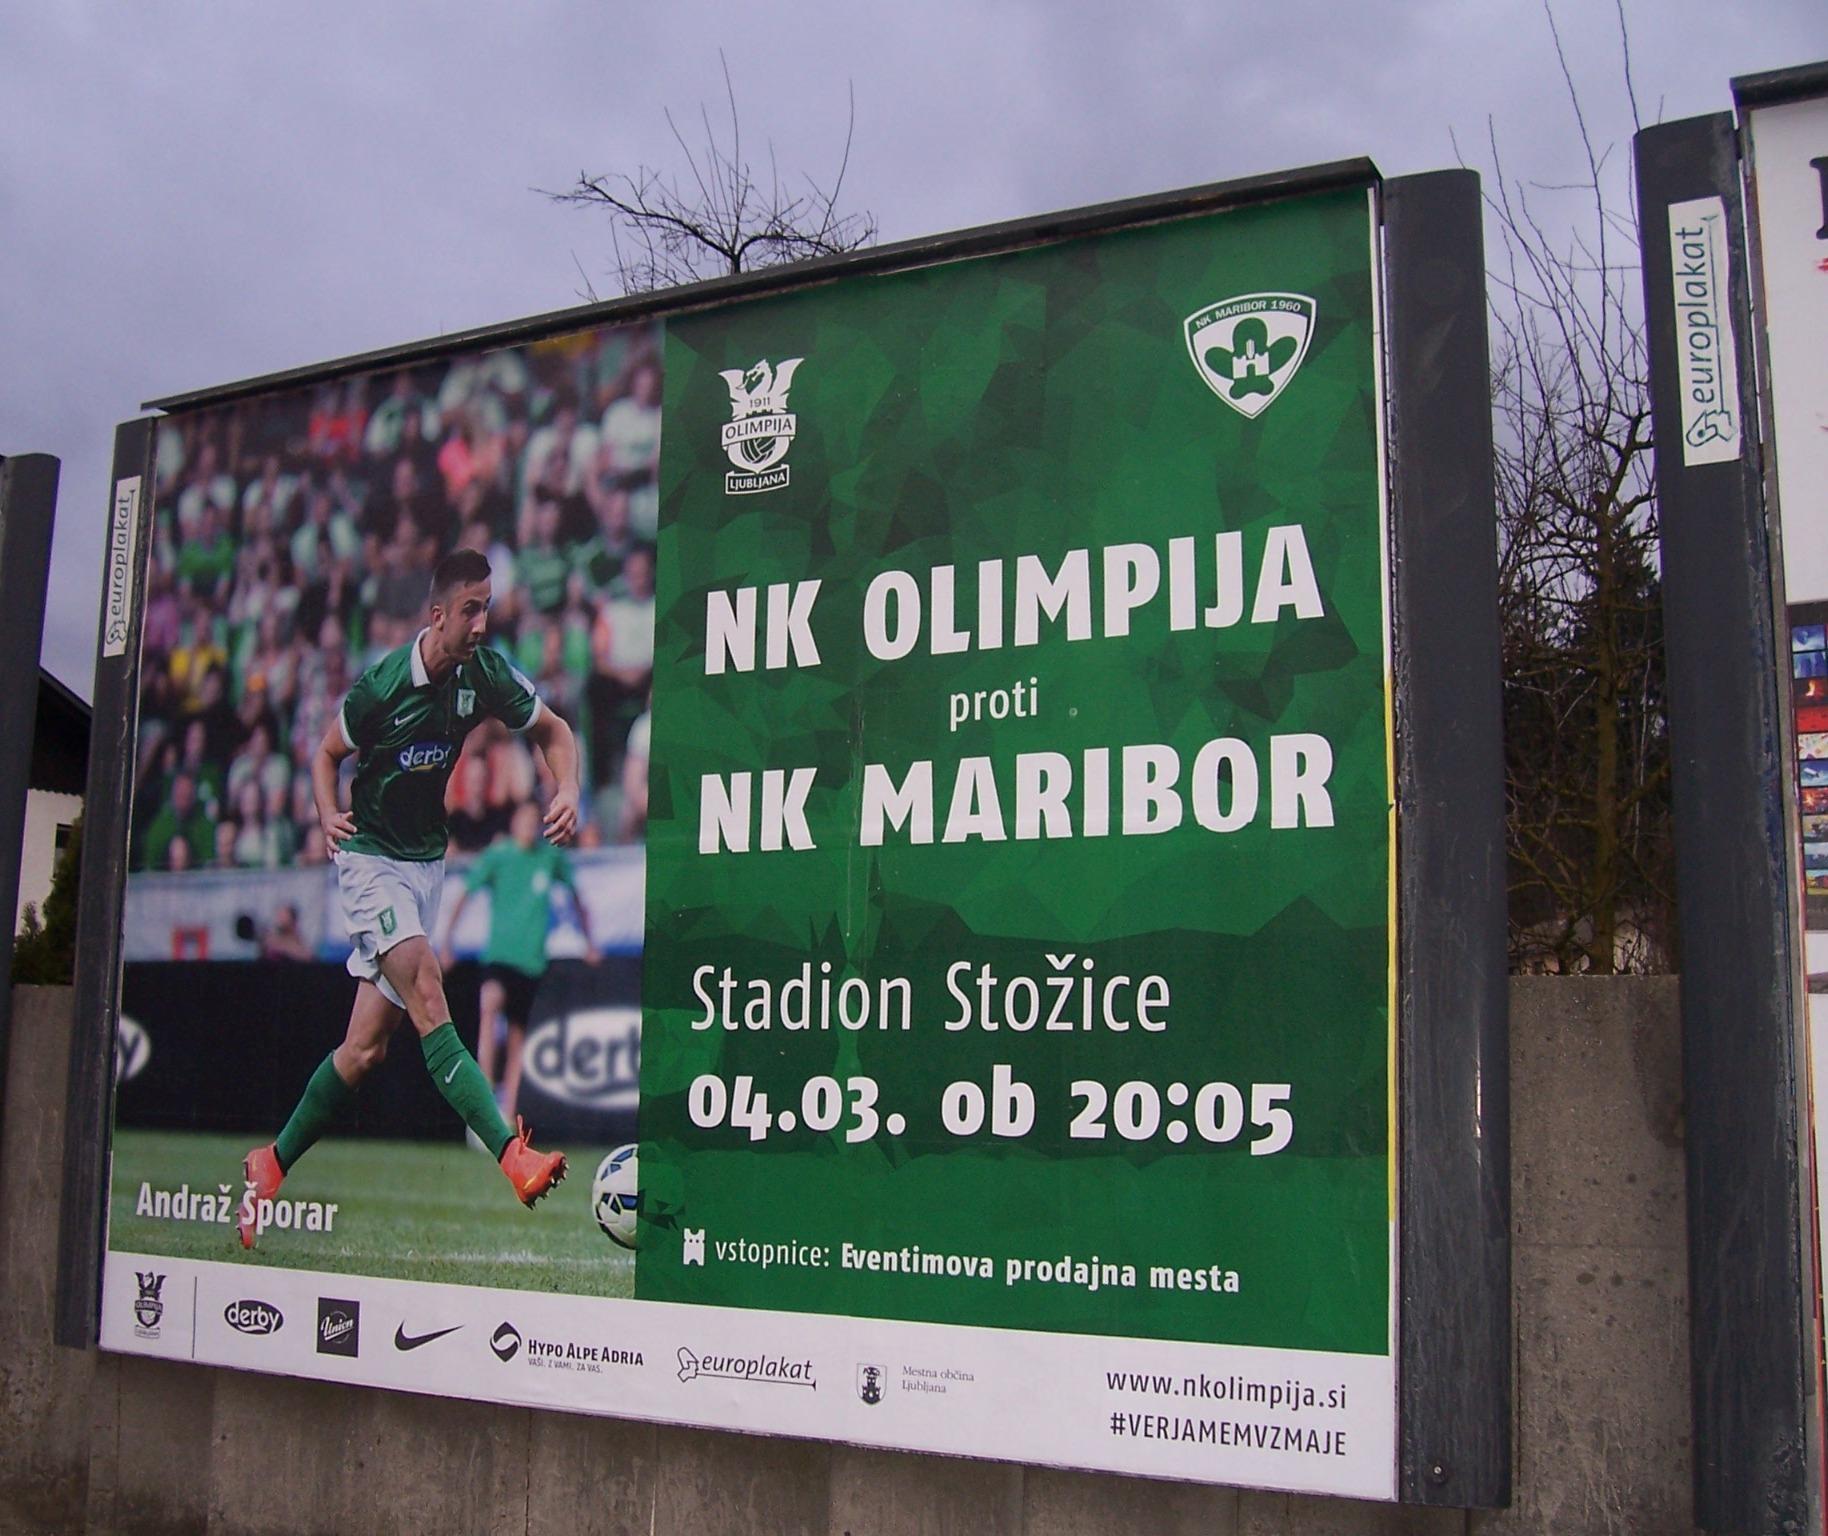 NK Olimpija campaign 2015.